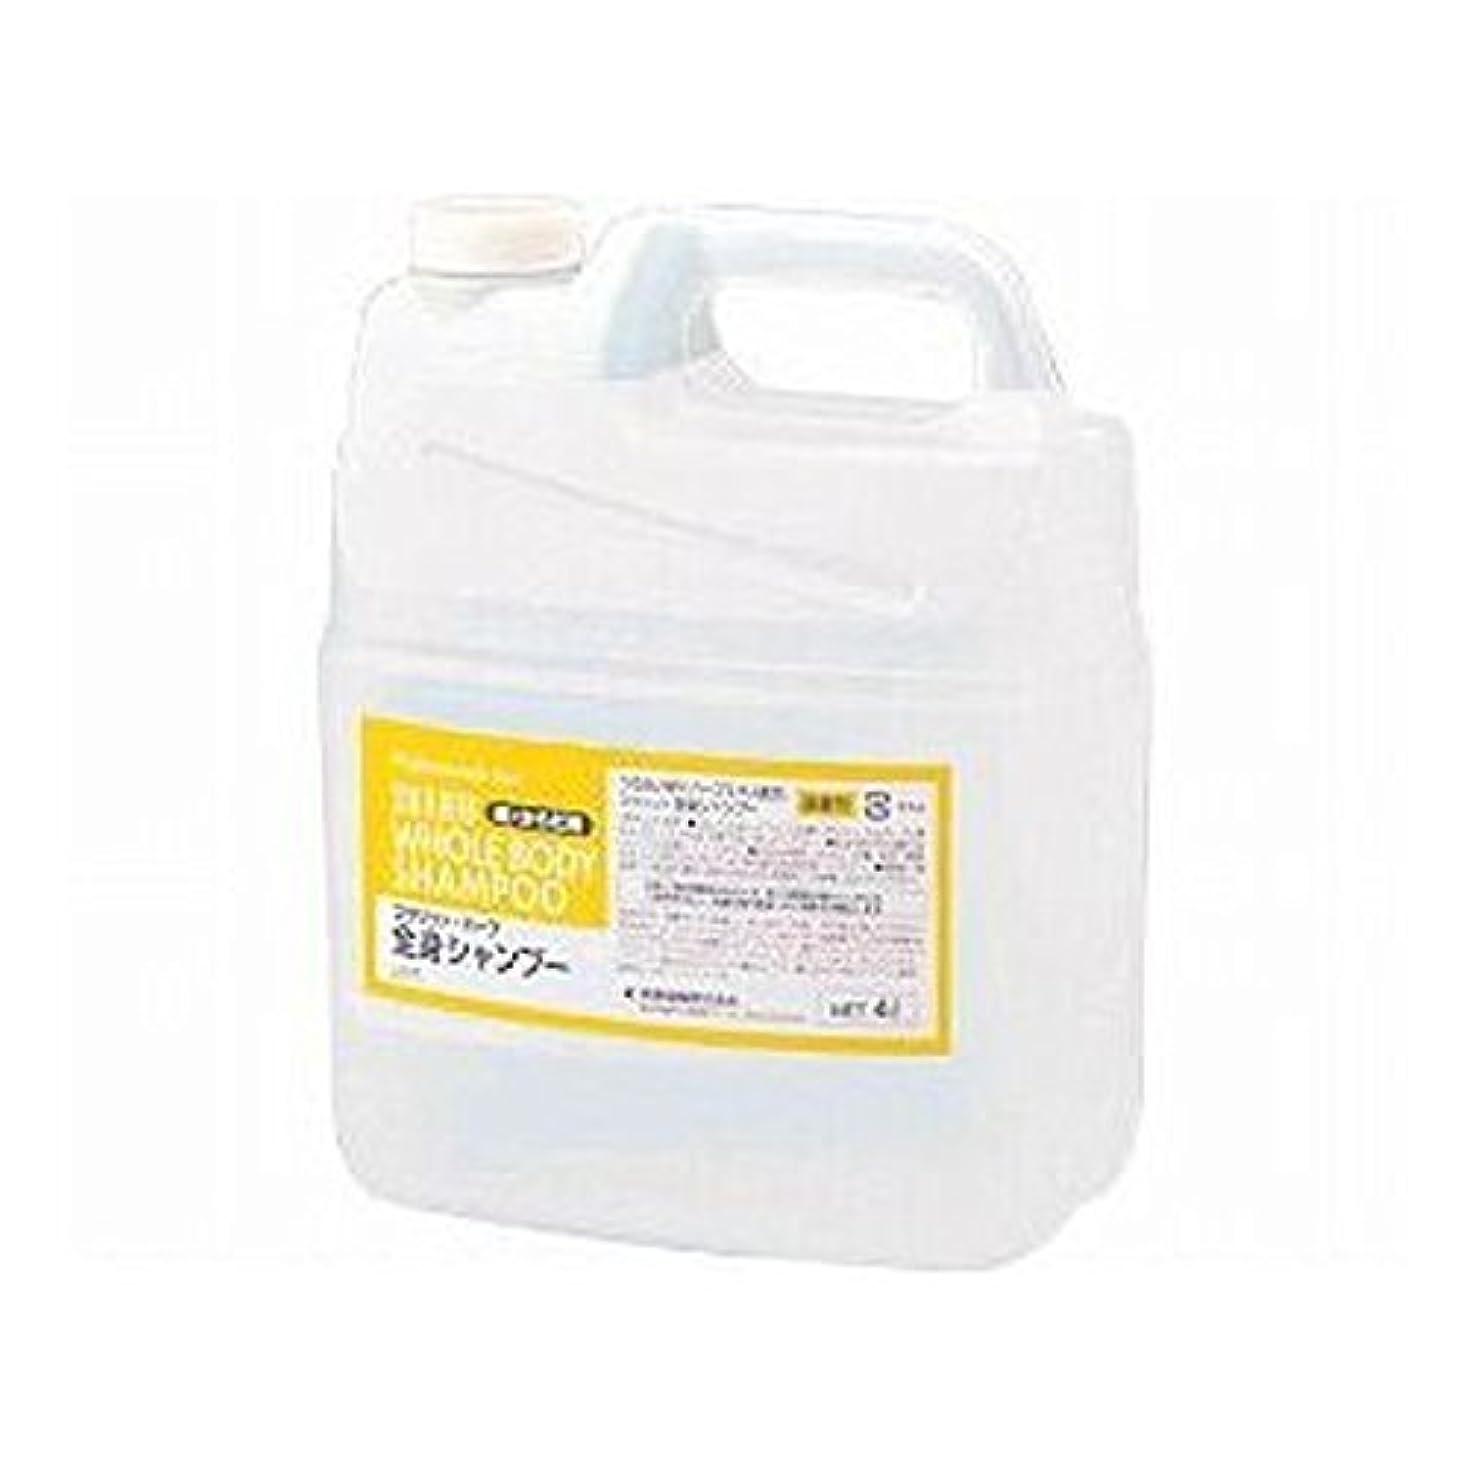 袋透明に崇拝する熊野油脂 業務用 SCRITT(スクリット) 全身シャンプー 4L